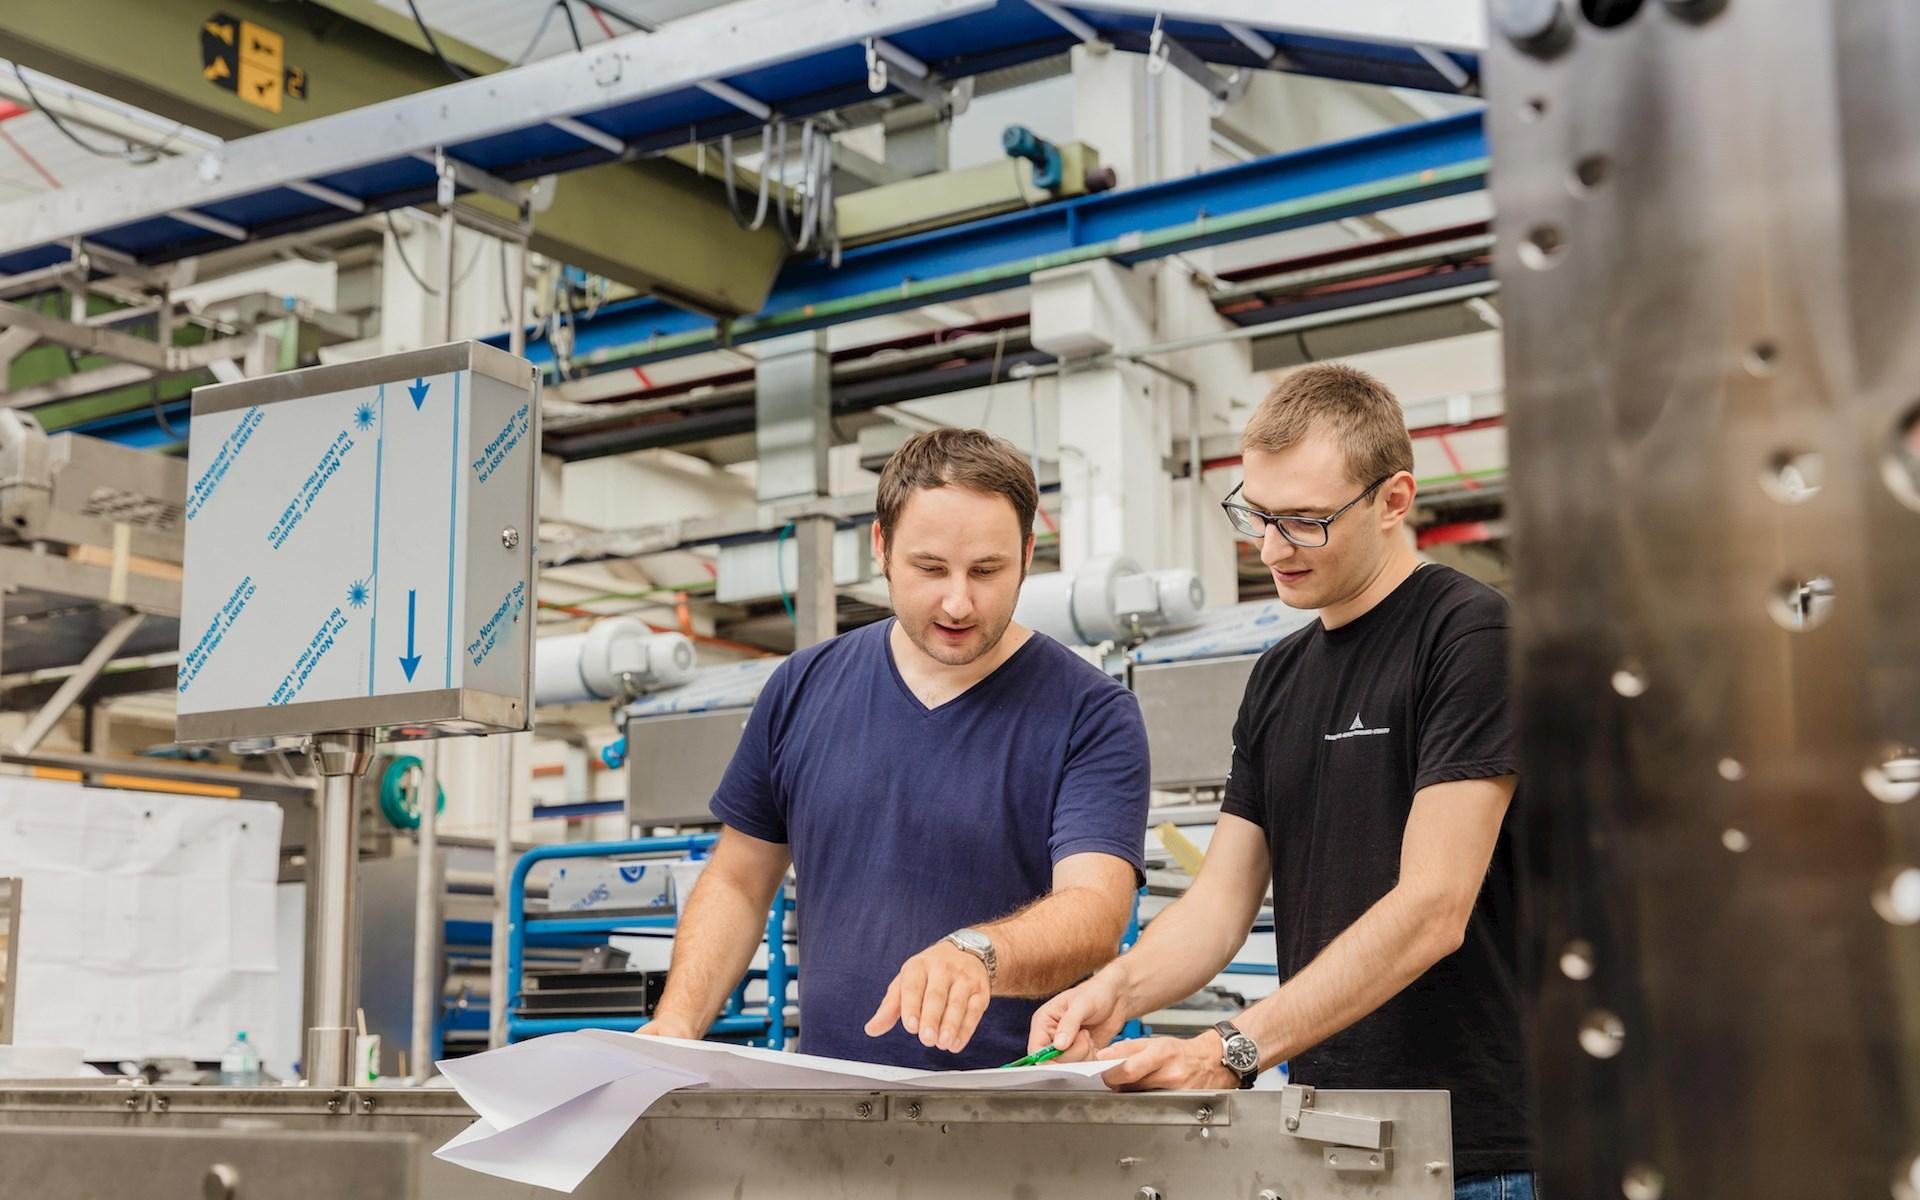 Brunel Mitarbeiter aus Ulm am Arbeitsplatz